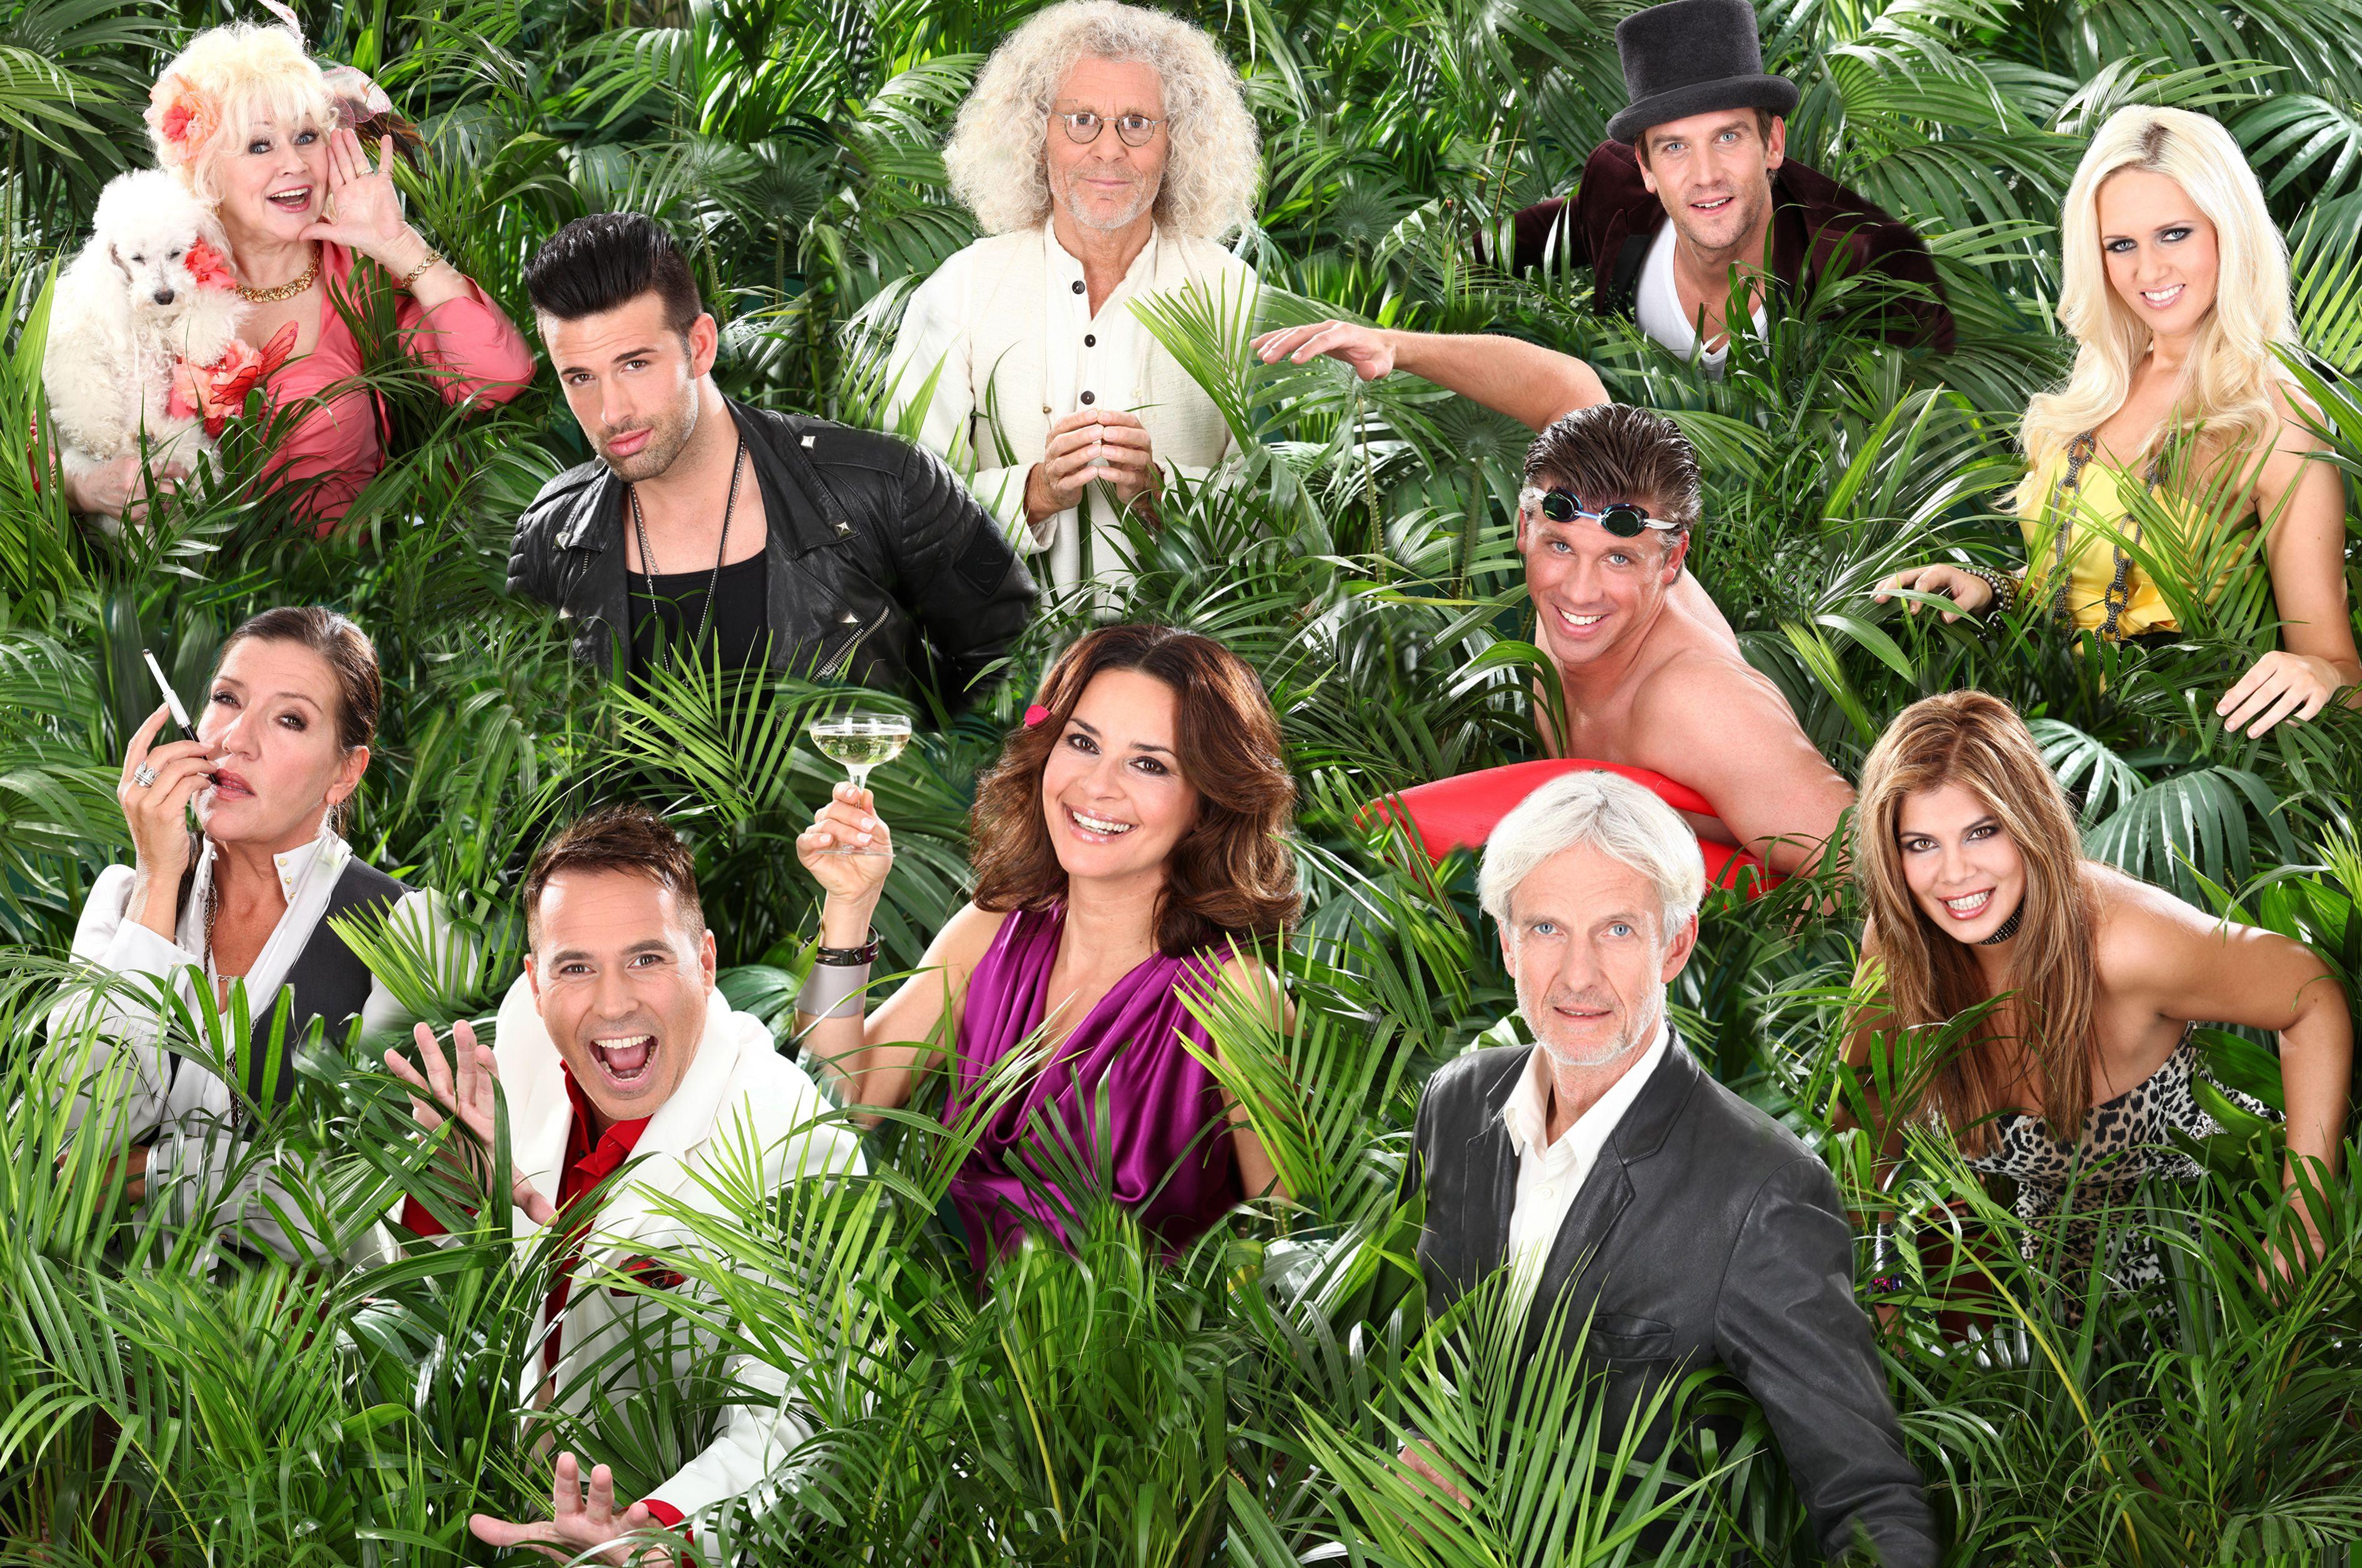 Dschungelcamp 6 Millionen Zuschauer Erfreuen Sich Am Leid